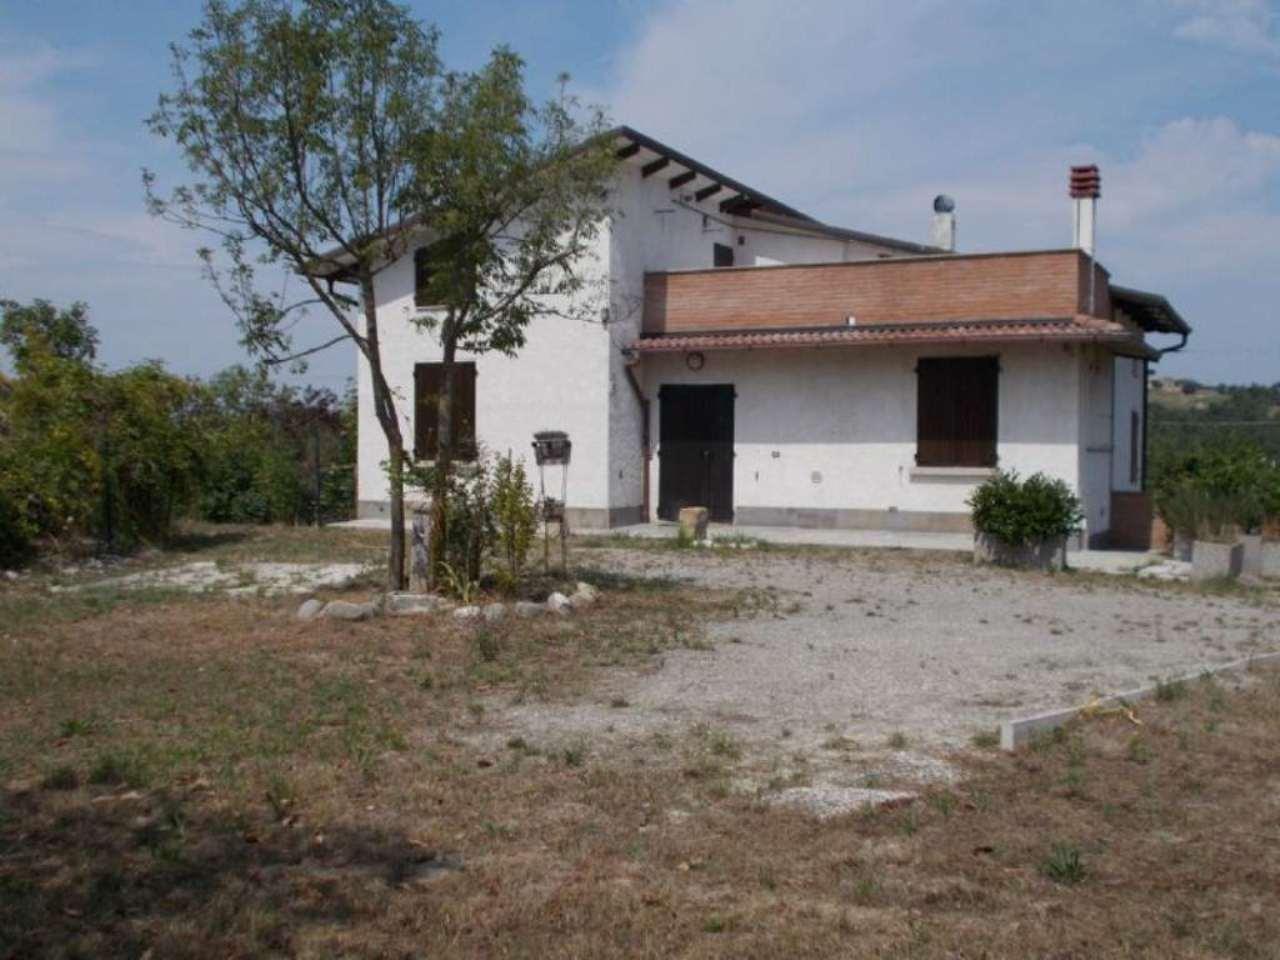 Soluzione Indipendente in vendita a Carpineti, 3 locali, prezzo € 180.000 | Cambio Casa.it